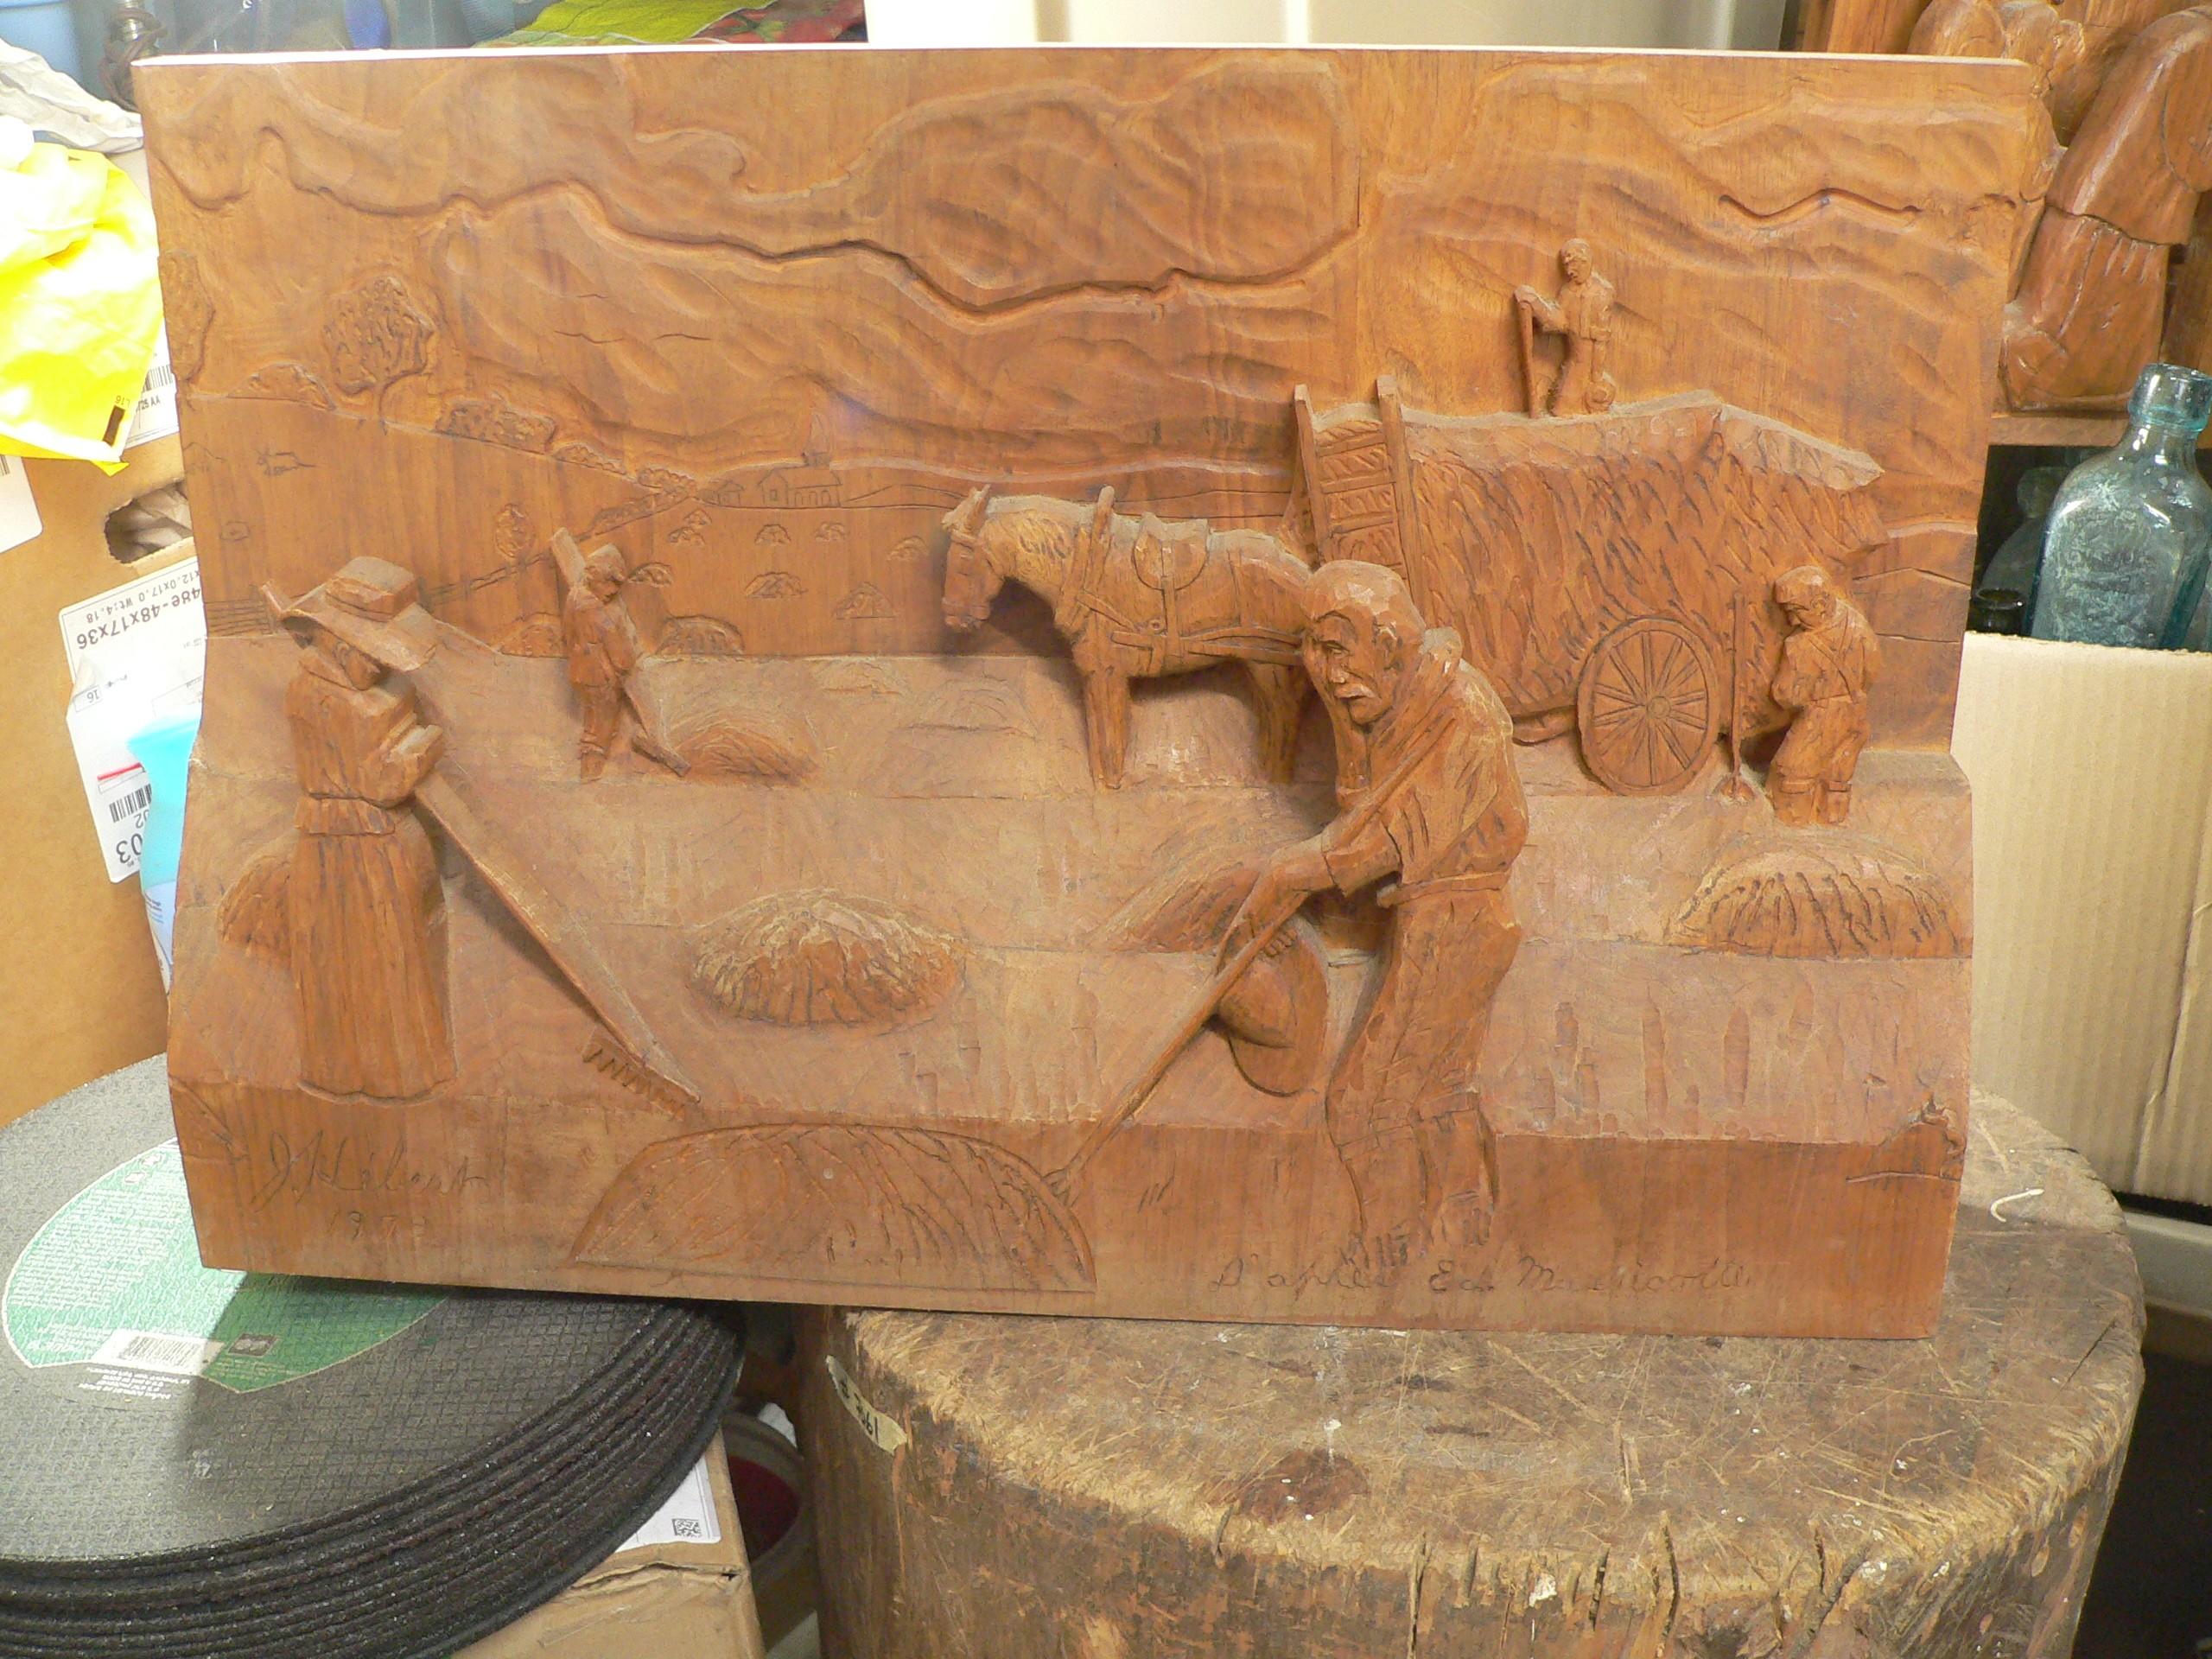 Très beau cadre sculpter 3d vintage # 8141.1